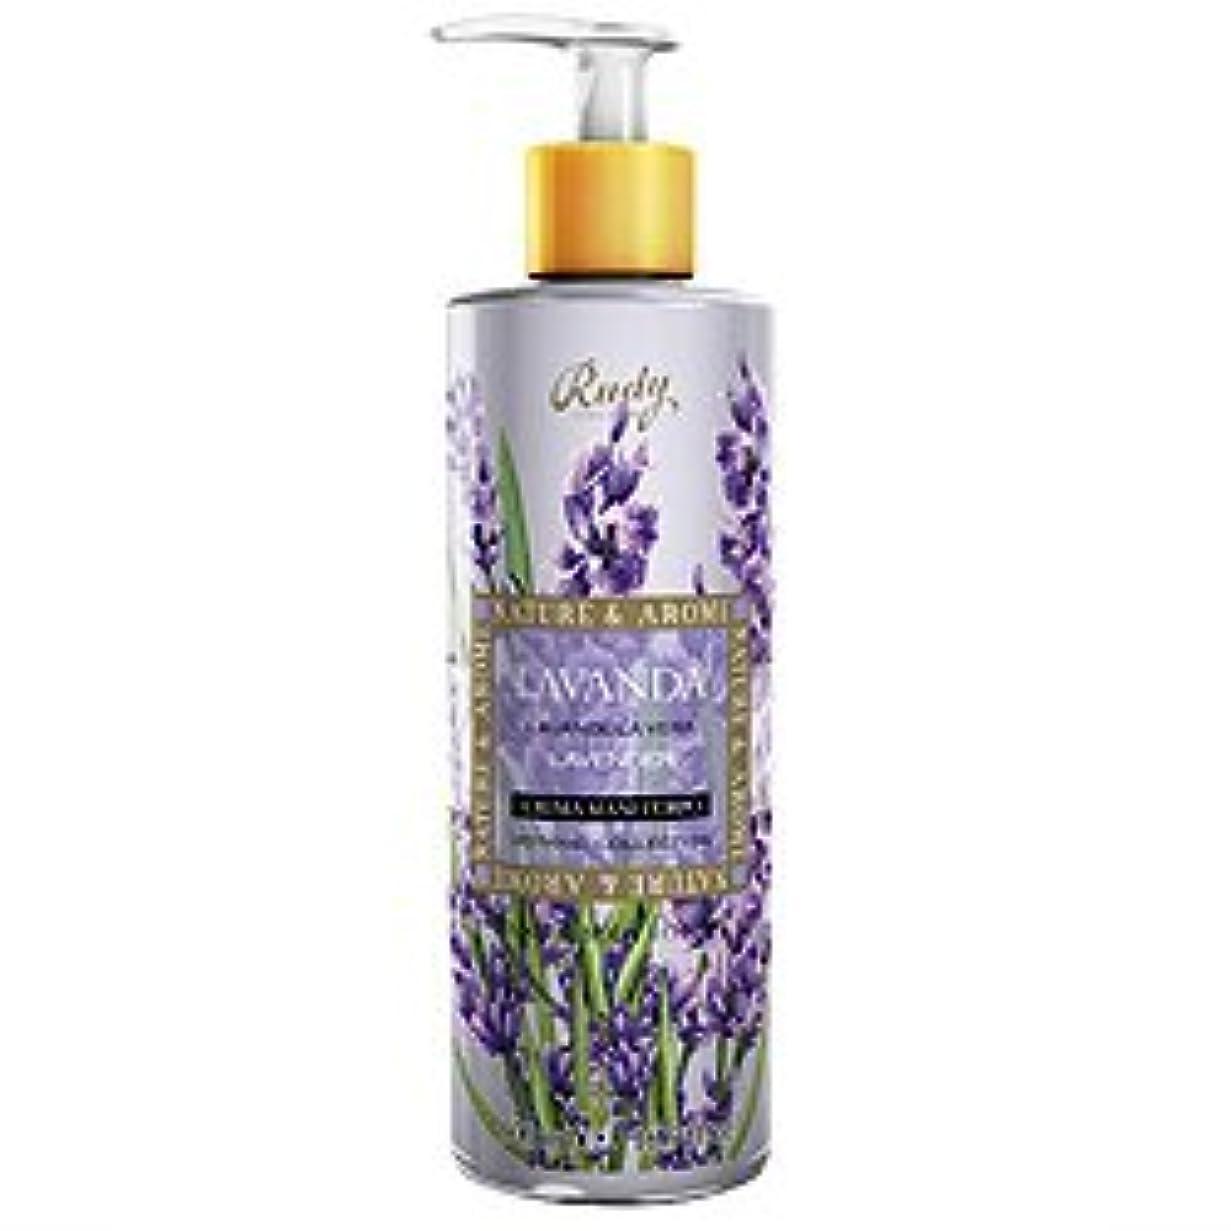 疾患ゴールバックグラウンドルディ(Rudy) ナチュール&アロマ ハンド&ボディローション ラベンダー 500ml 【並行輸入品】 RUDY Nature&Arome SERIES Hand&Body lotion Lavender